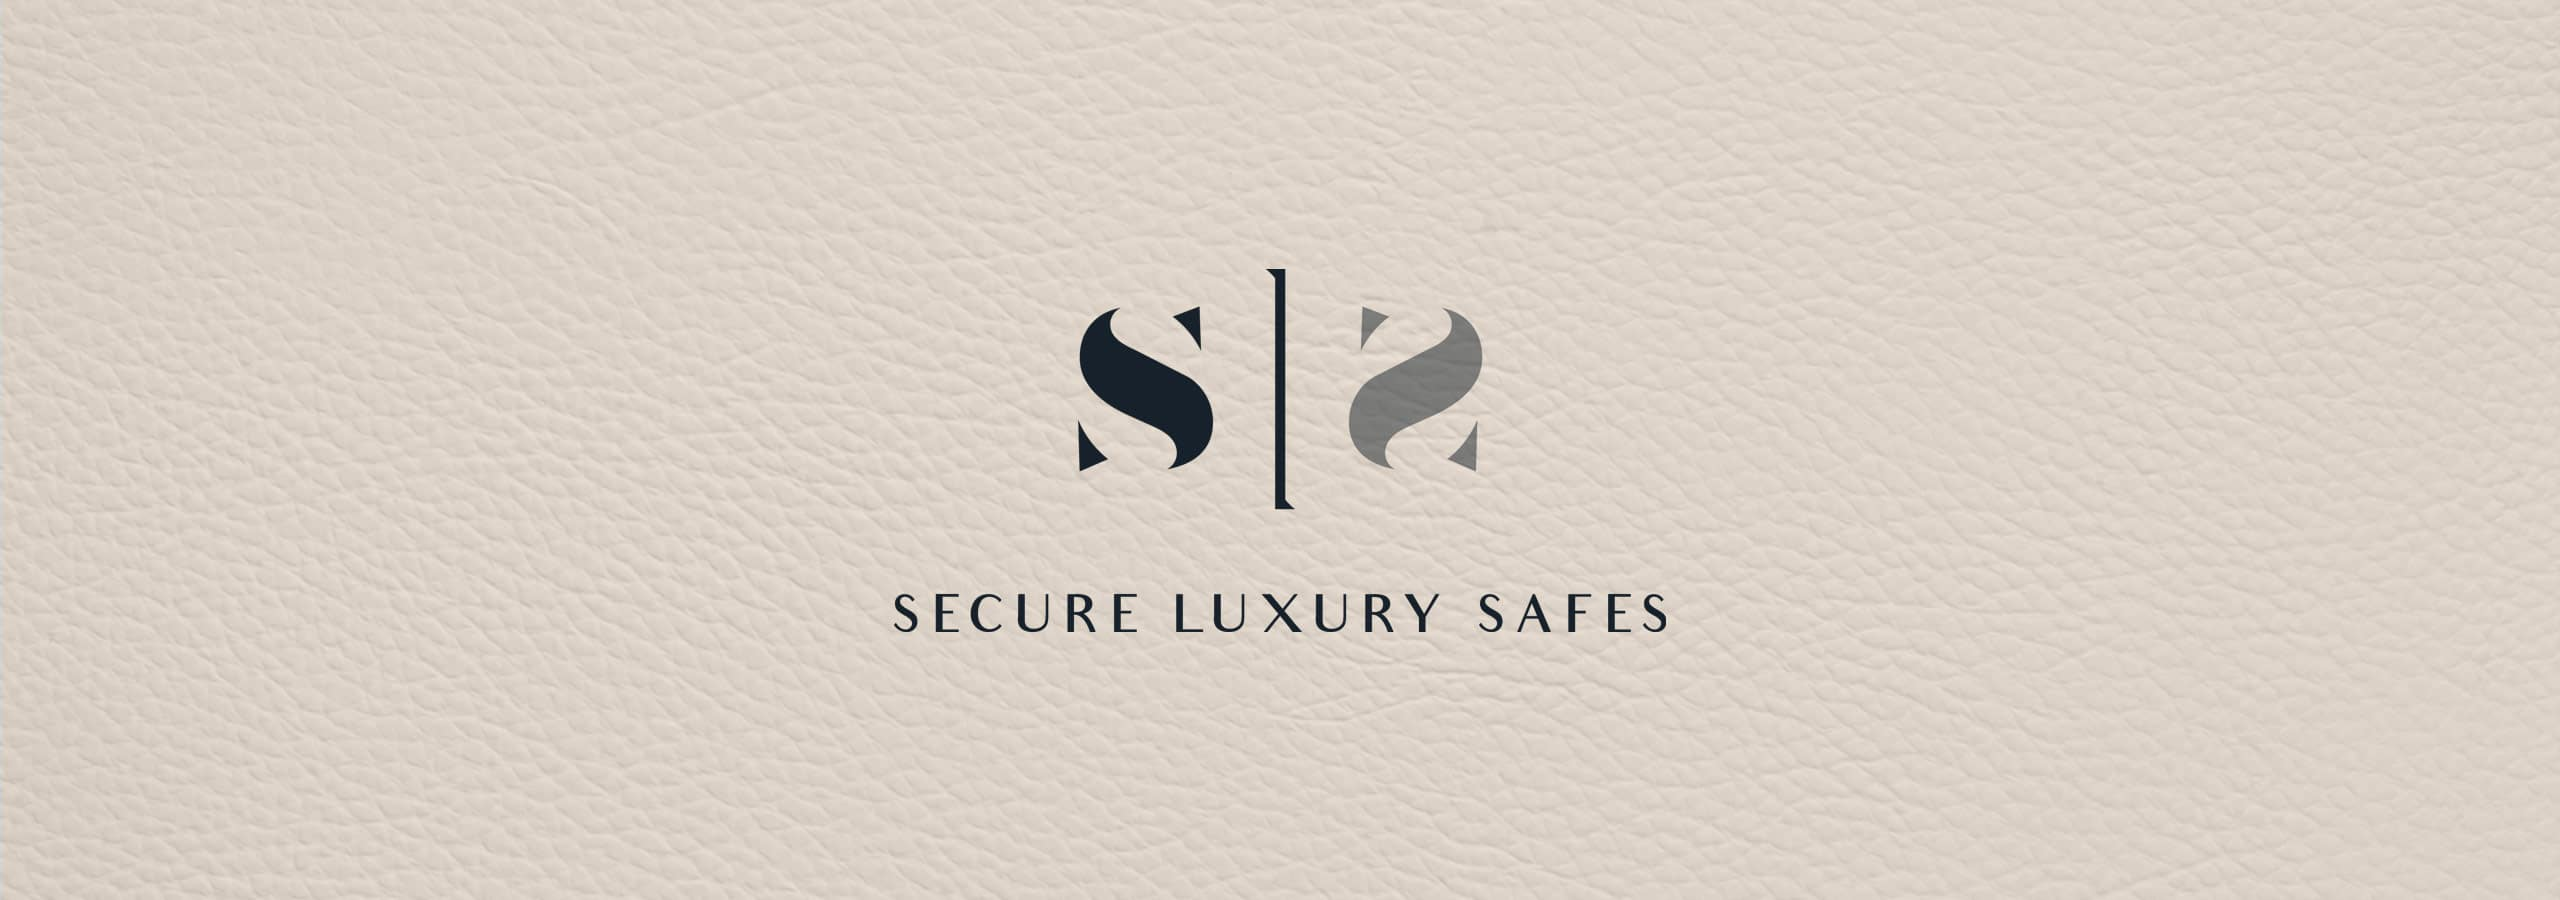 luxury safe logo-Sls Security